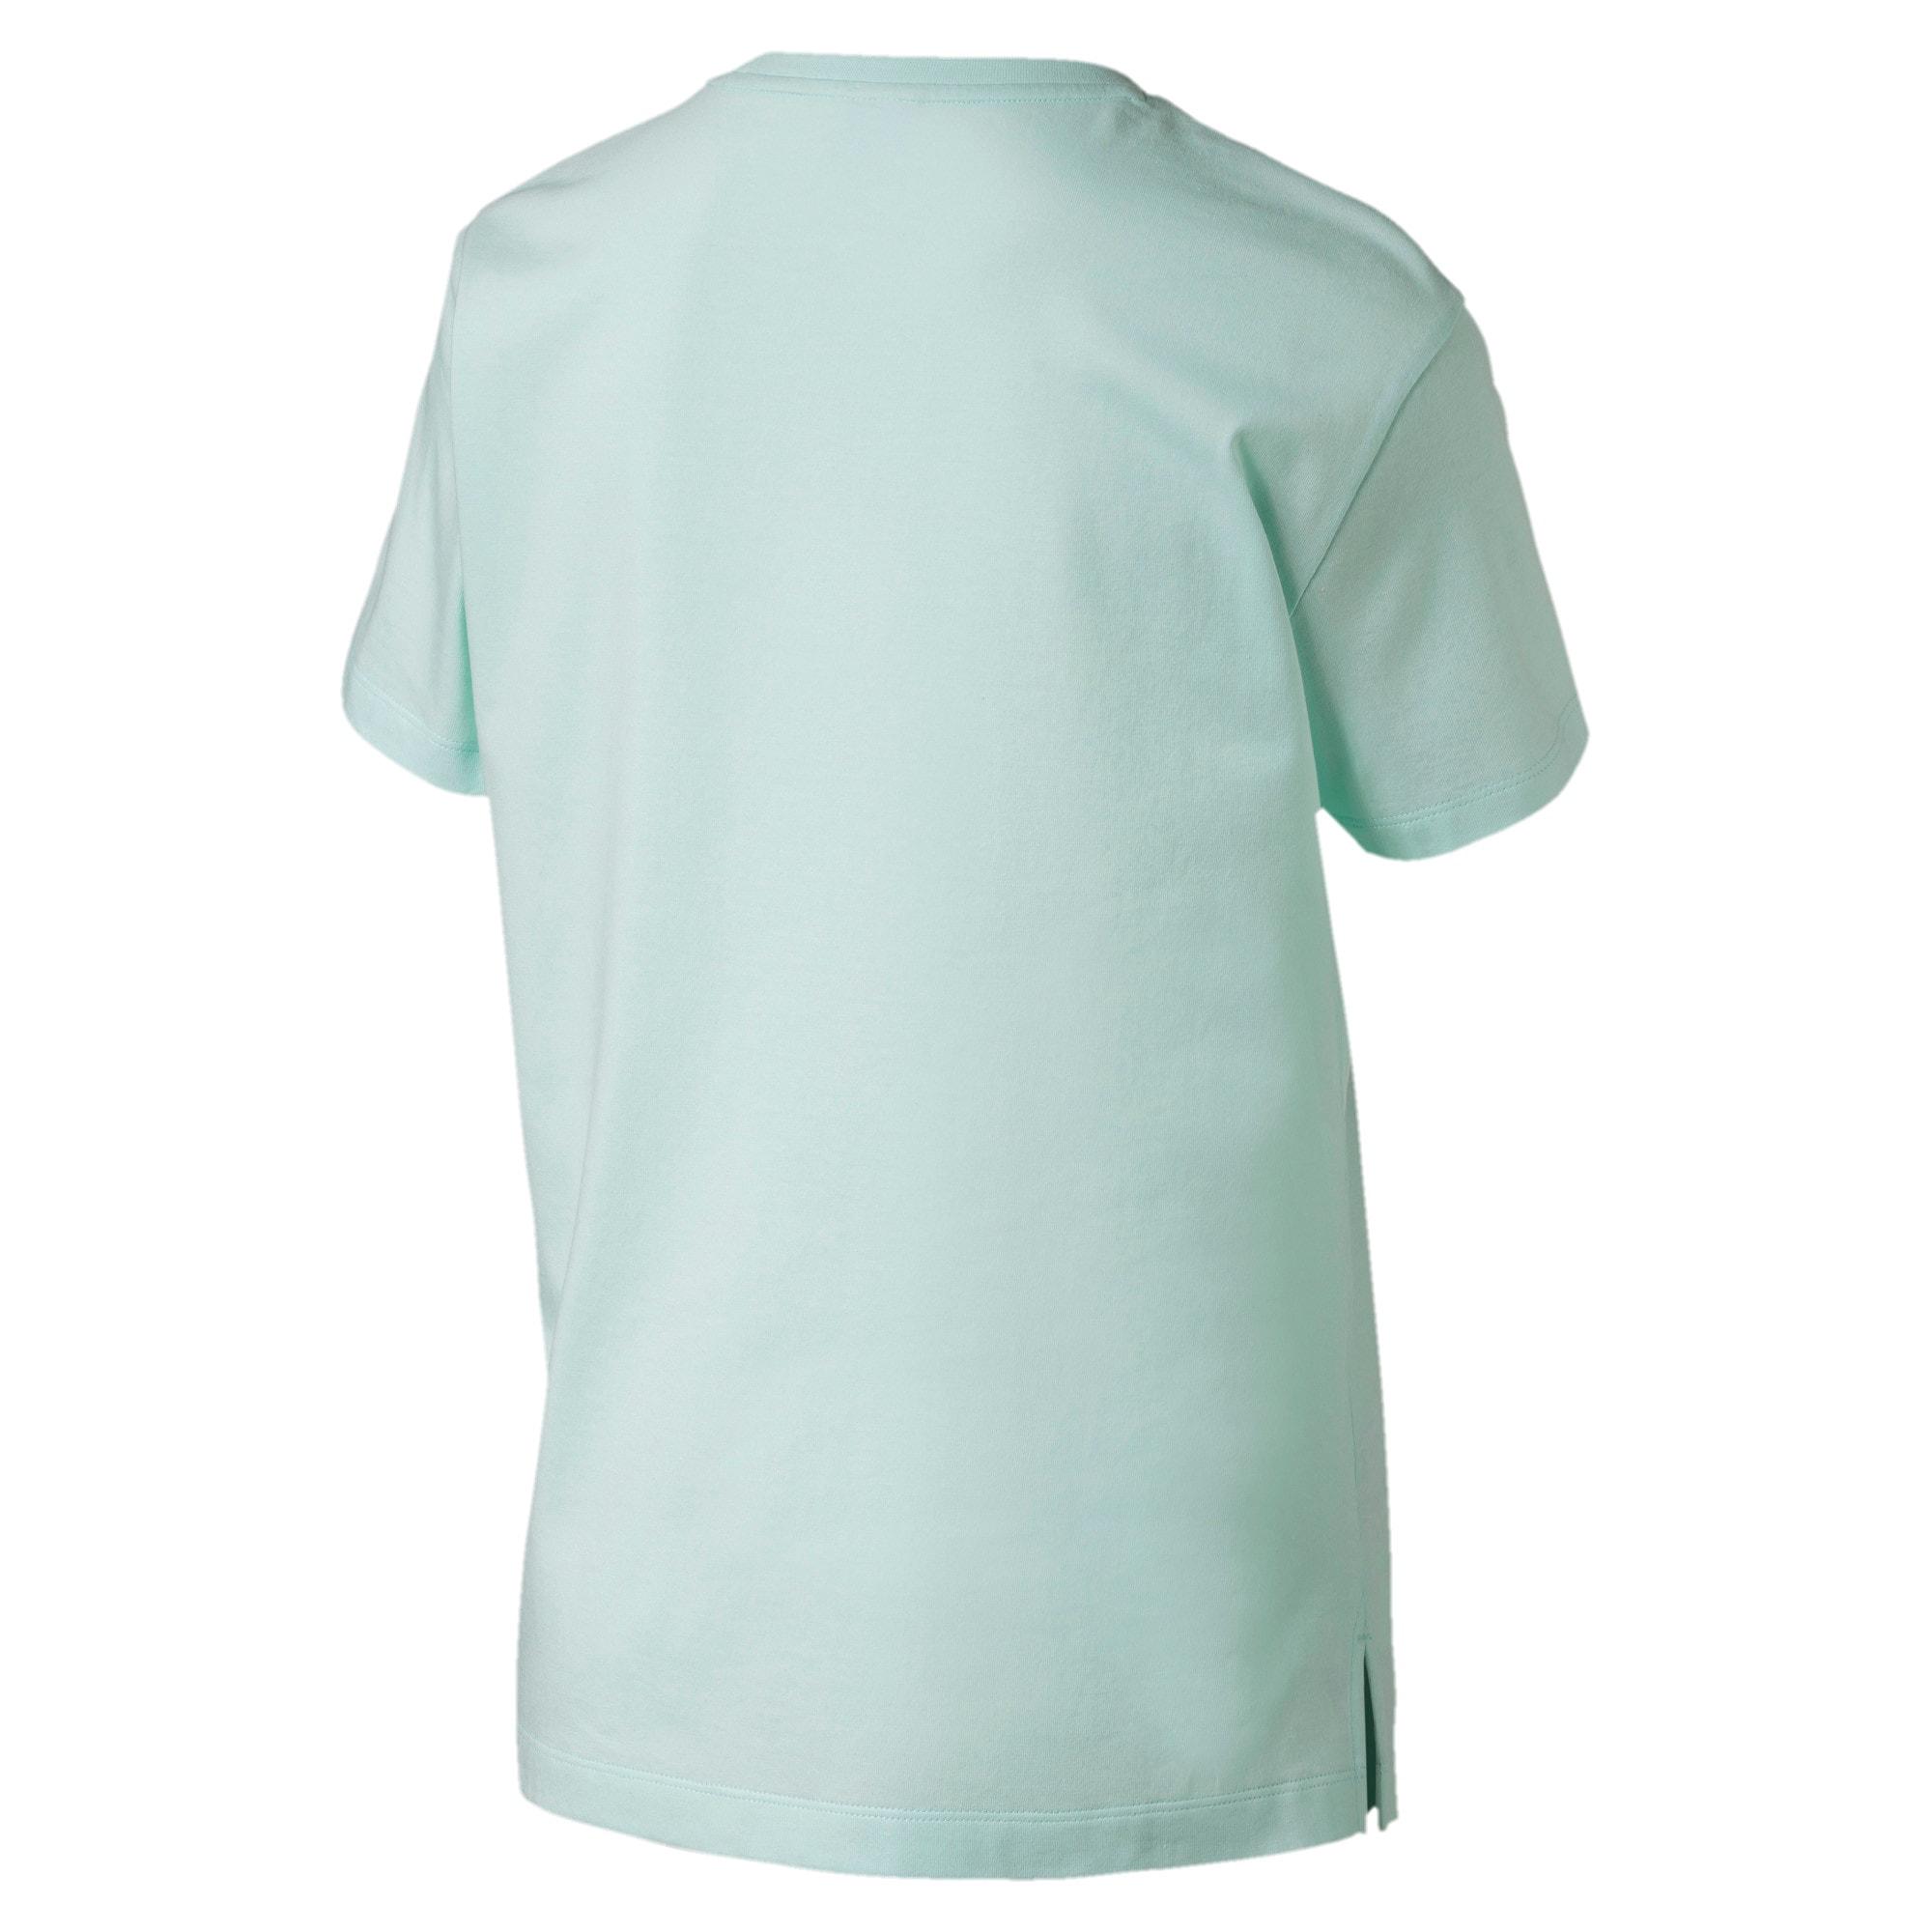 Thumbnail 4 of CLASSICS ロゴ ウィメンズ SS Tシャツ 半袖, Fair Aqua, medium-JPN